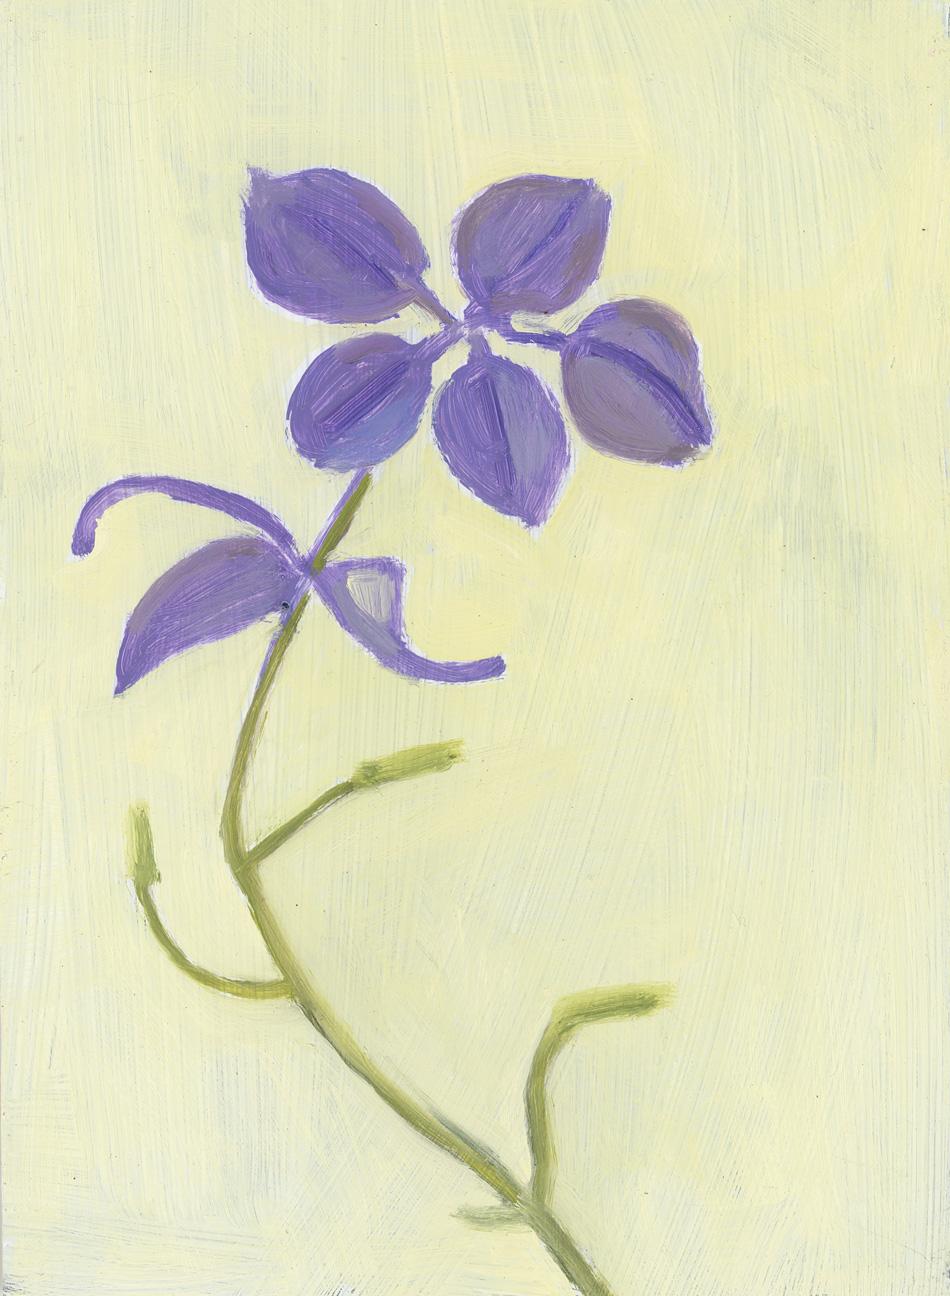 Five Lavender Petals